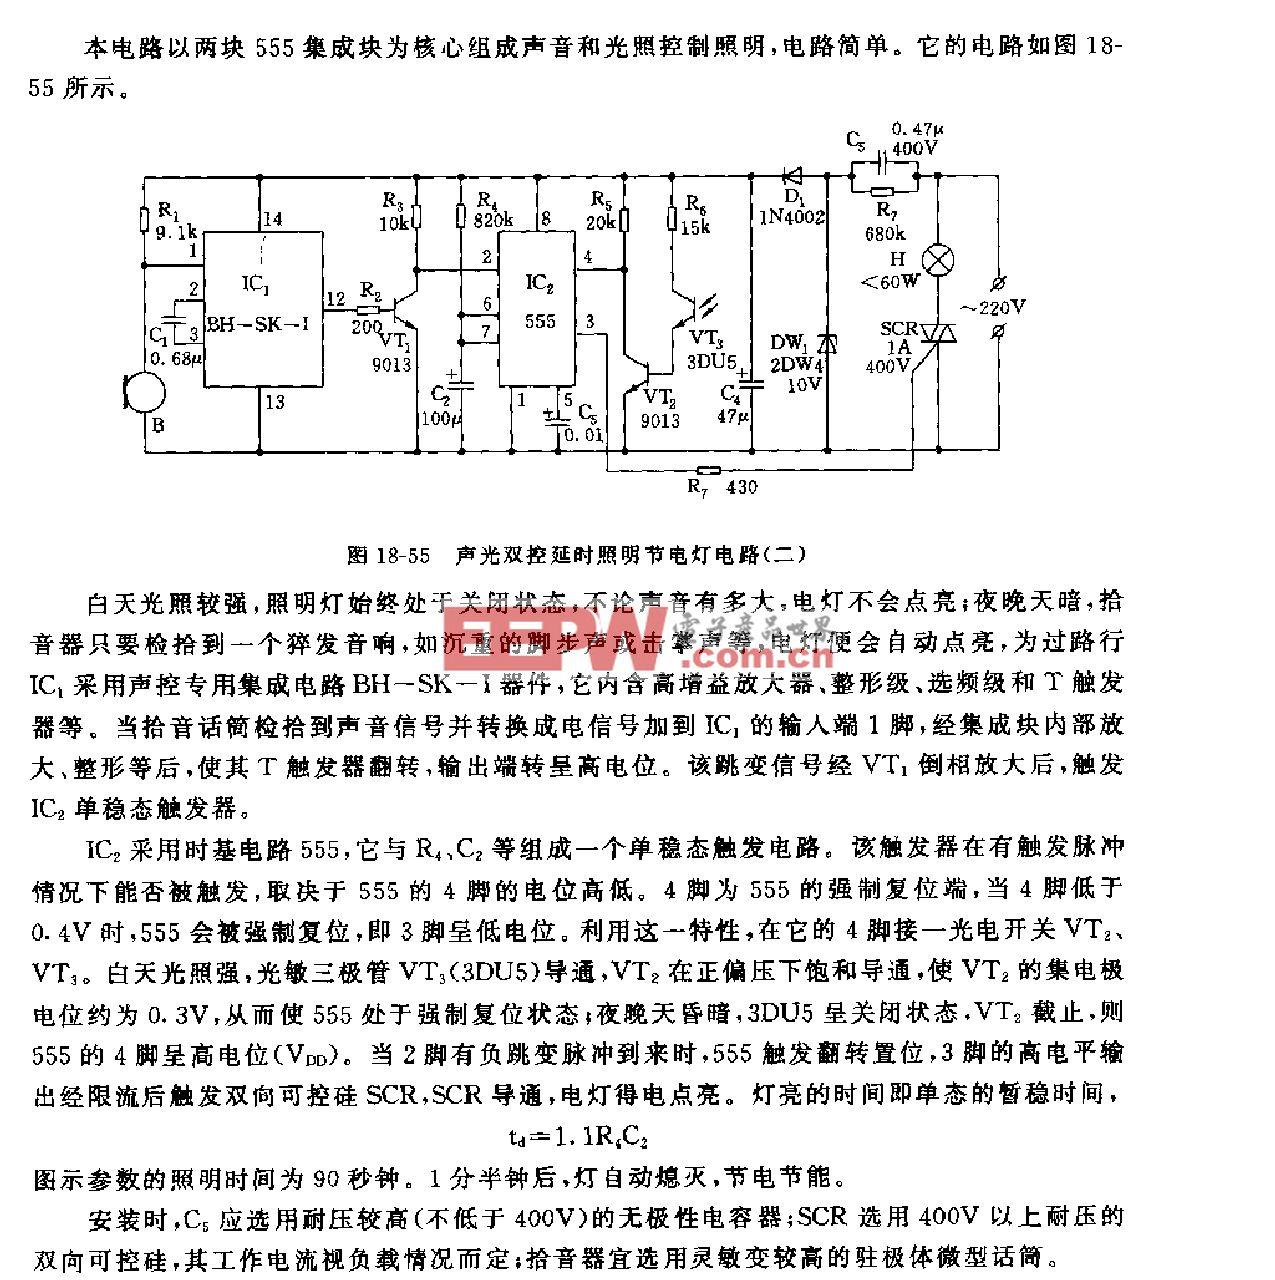 555声光双控延时照明节电灯电路(二)